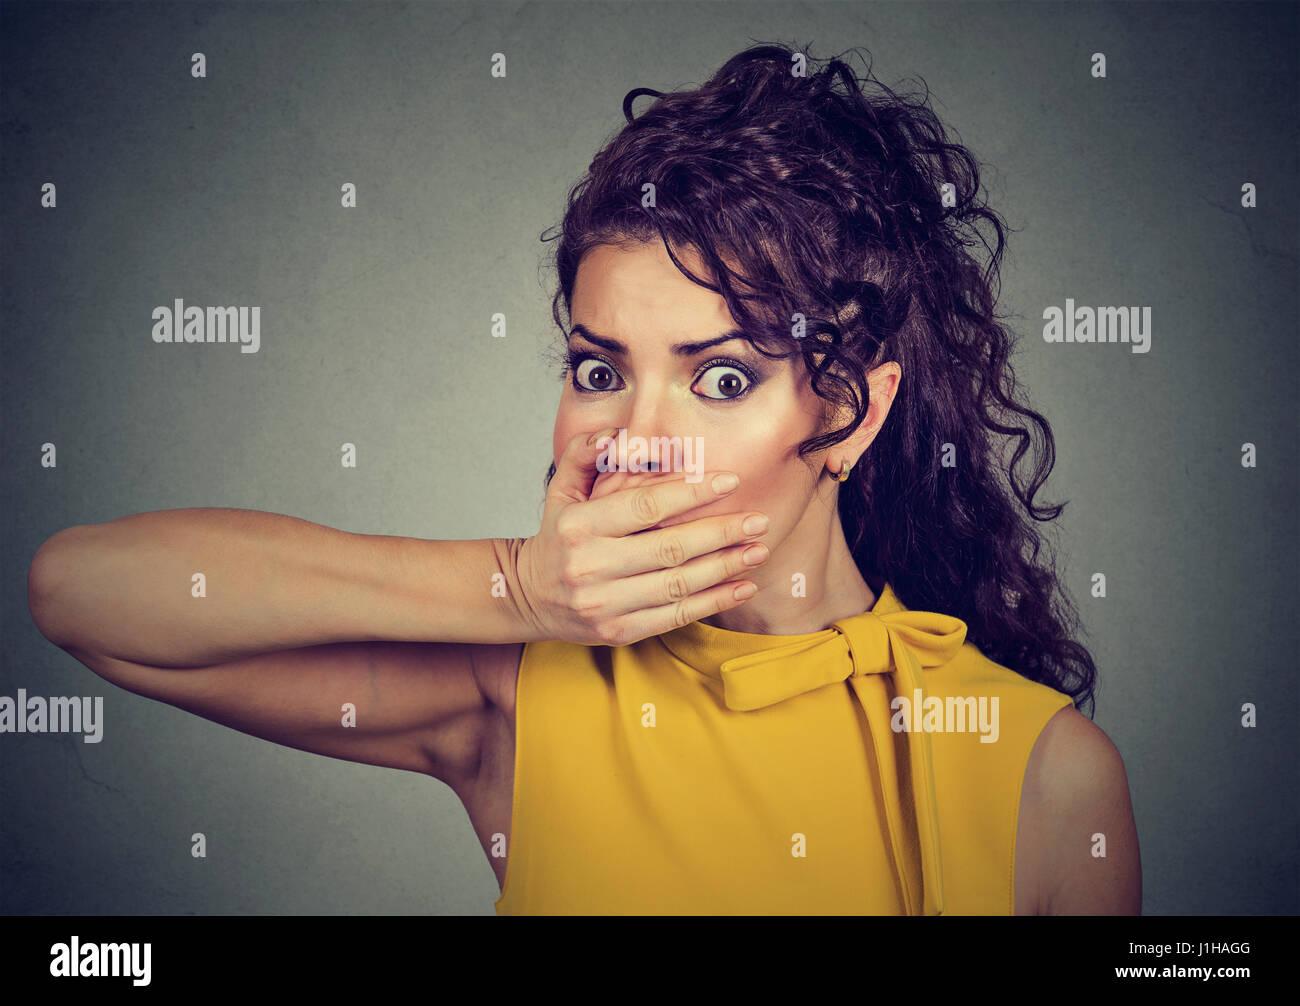 Closeup retrato de mujer joven asustado con la mano cubriendo su boca aislado sobre fondo de pared gris Imagen De Stock